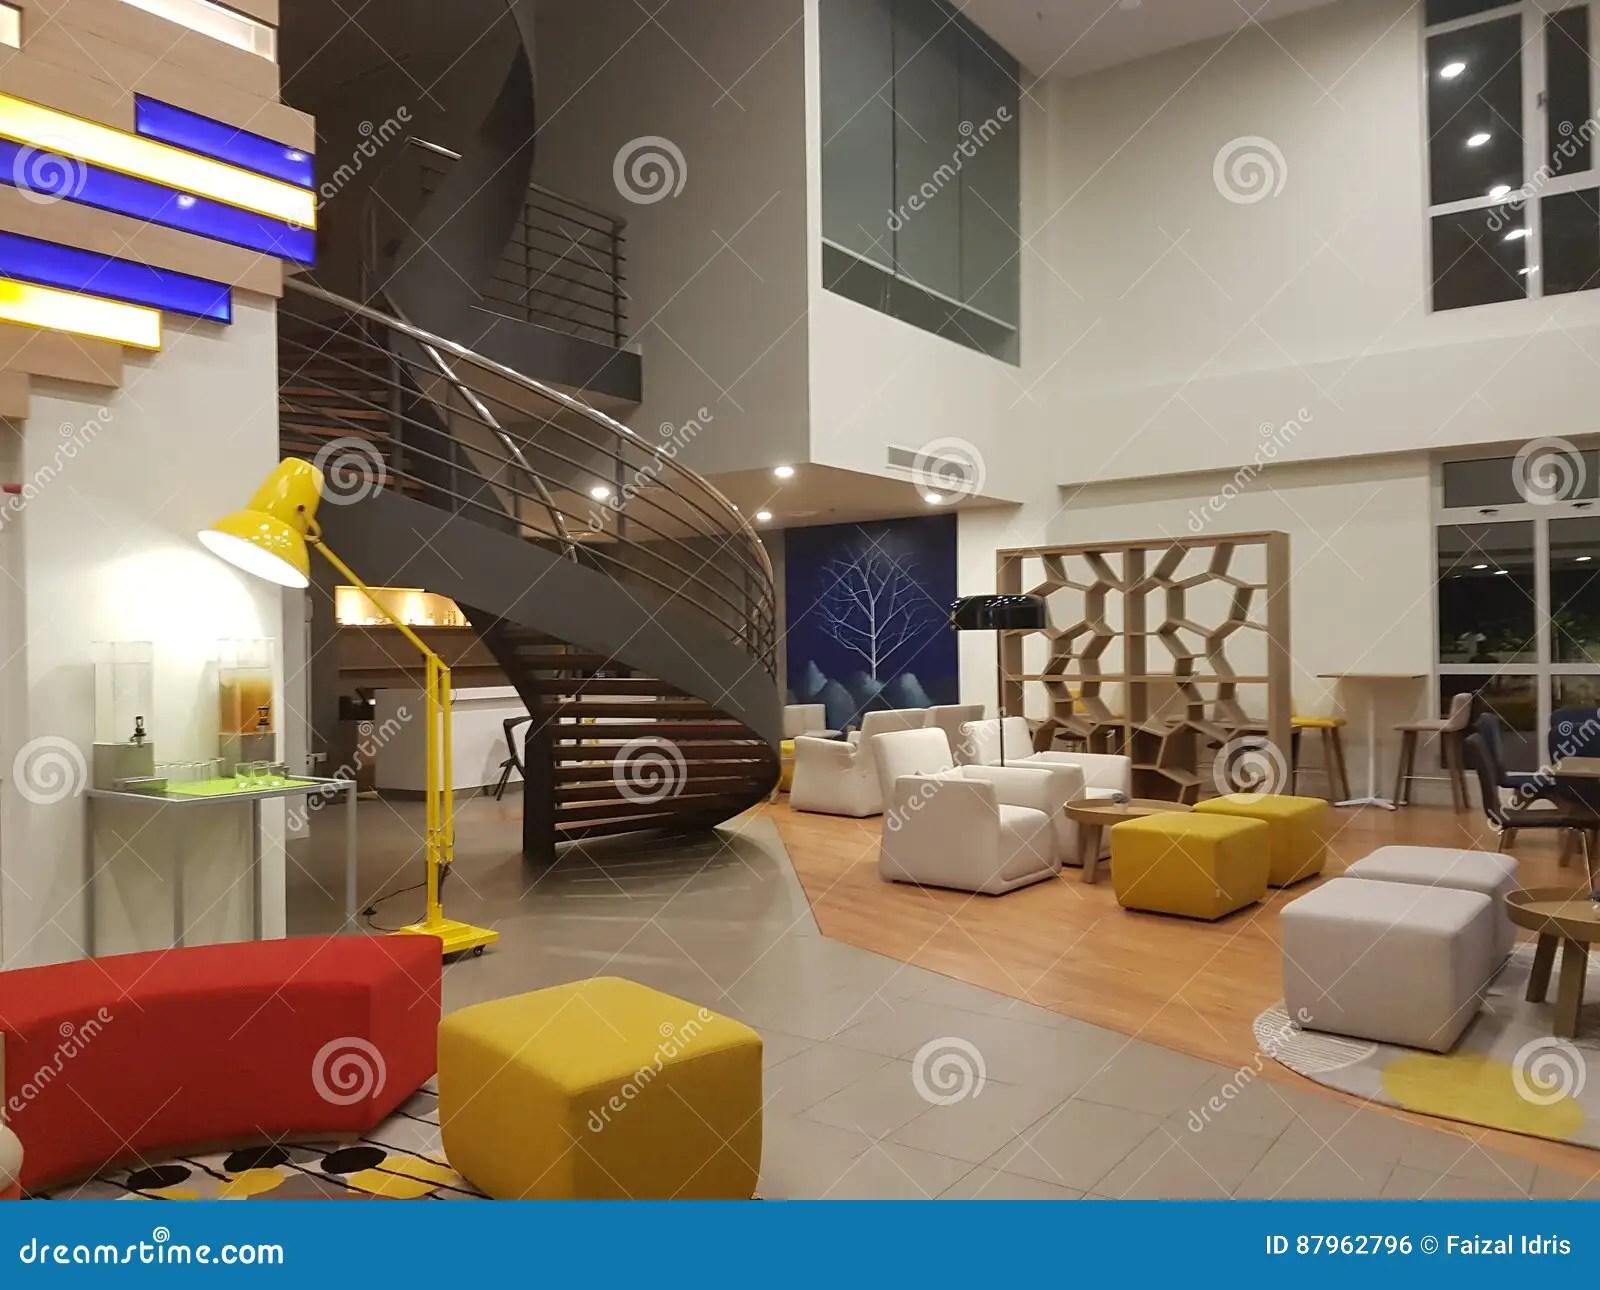 Ibis Hotel Kuala Lumpur